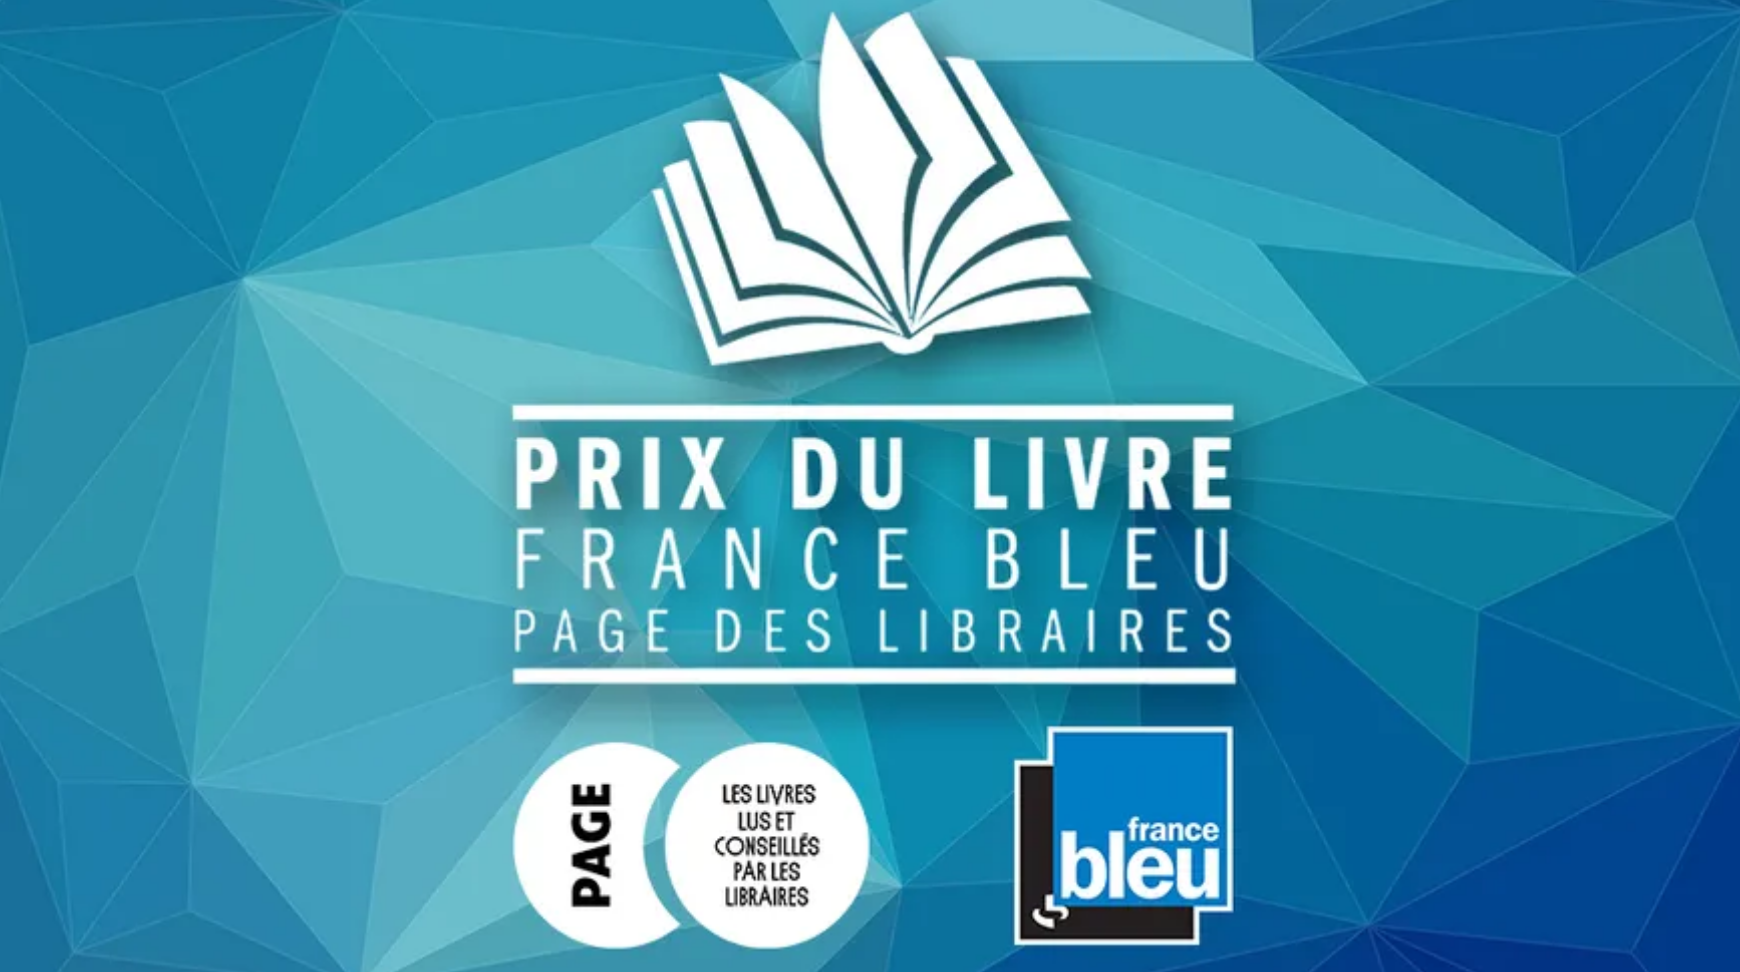 Nouvelle Edition Du Prix Du Livre France Bleu